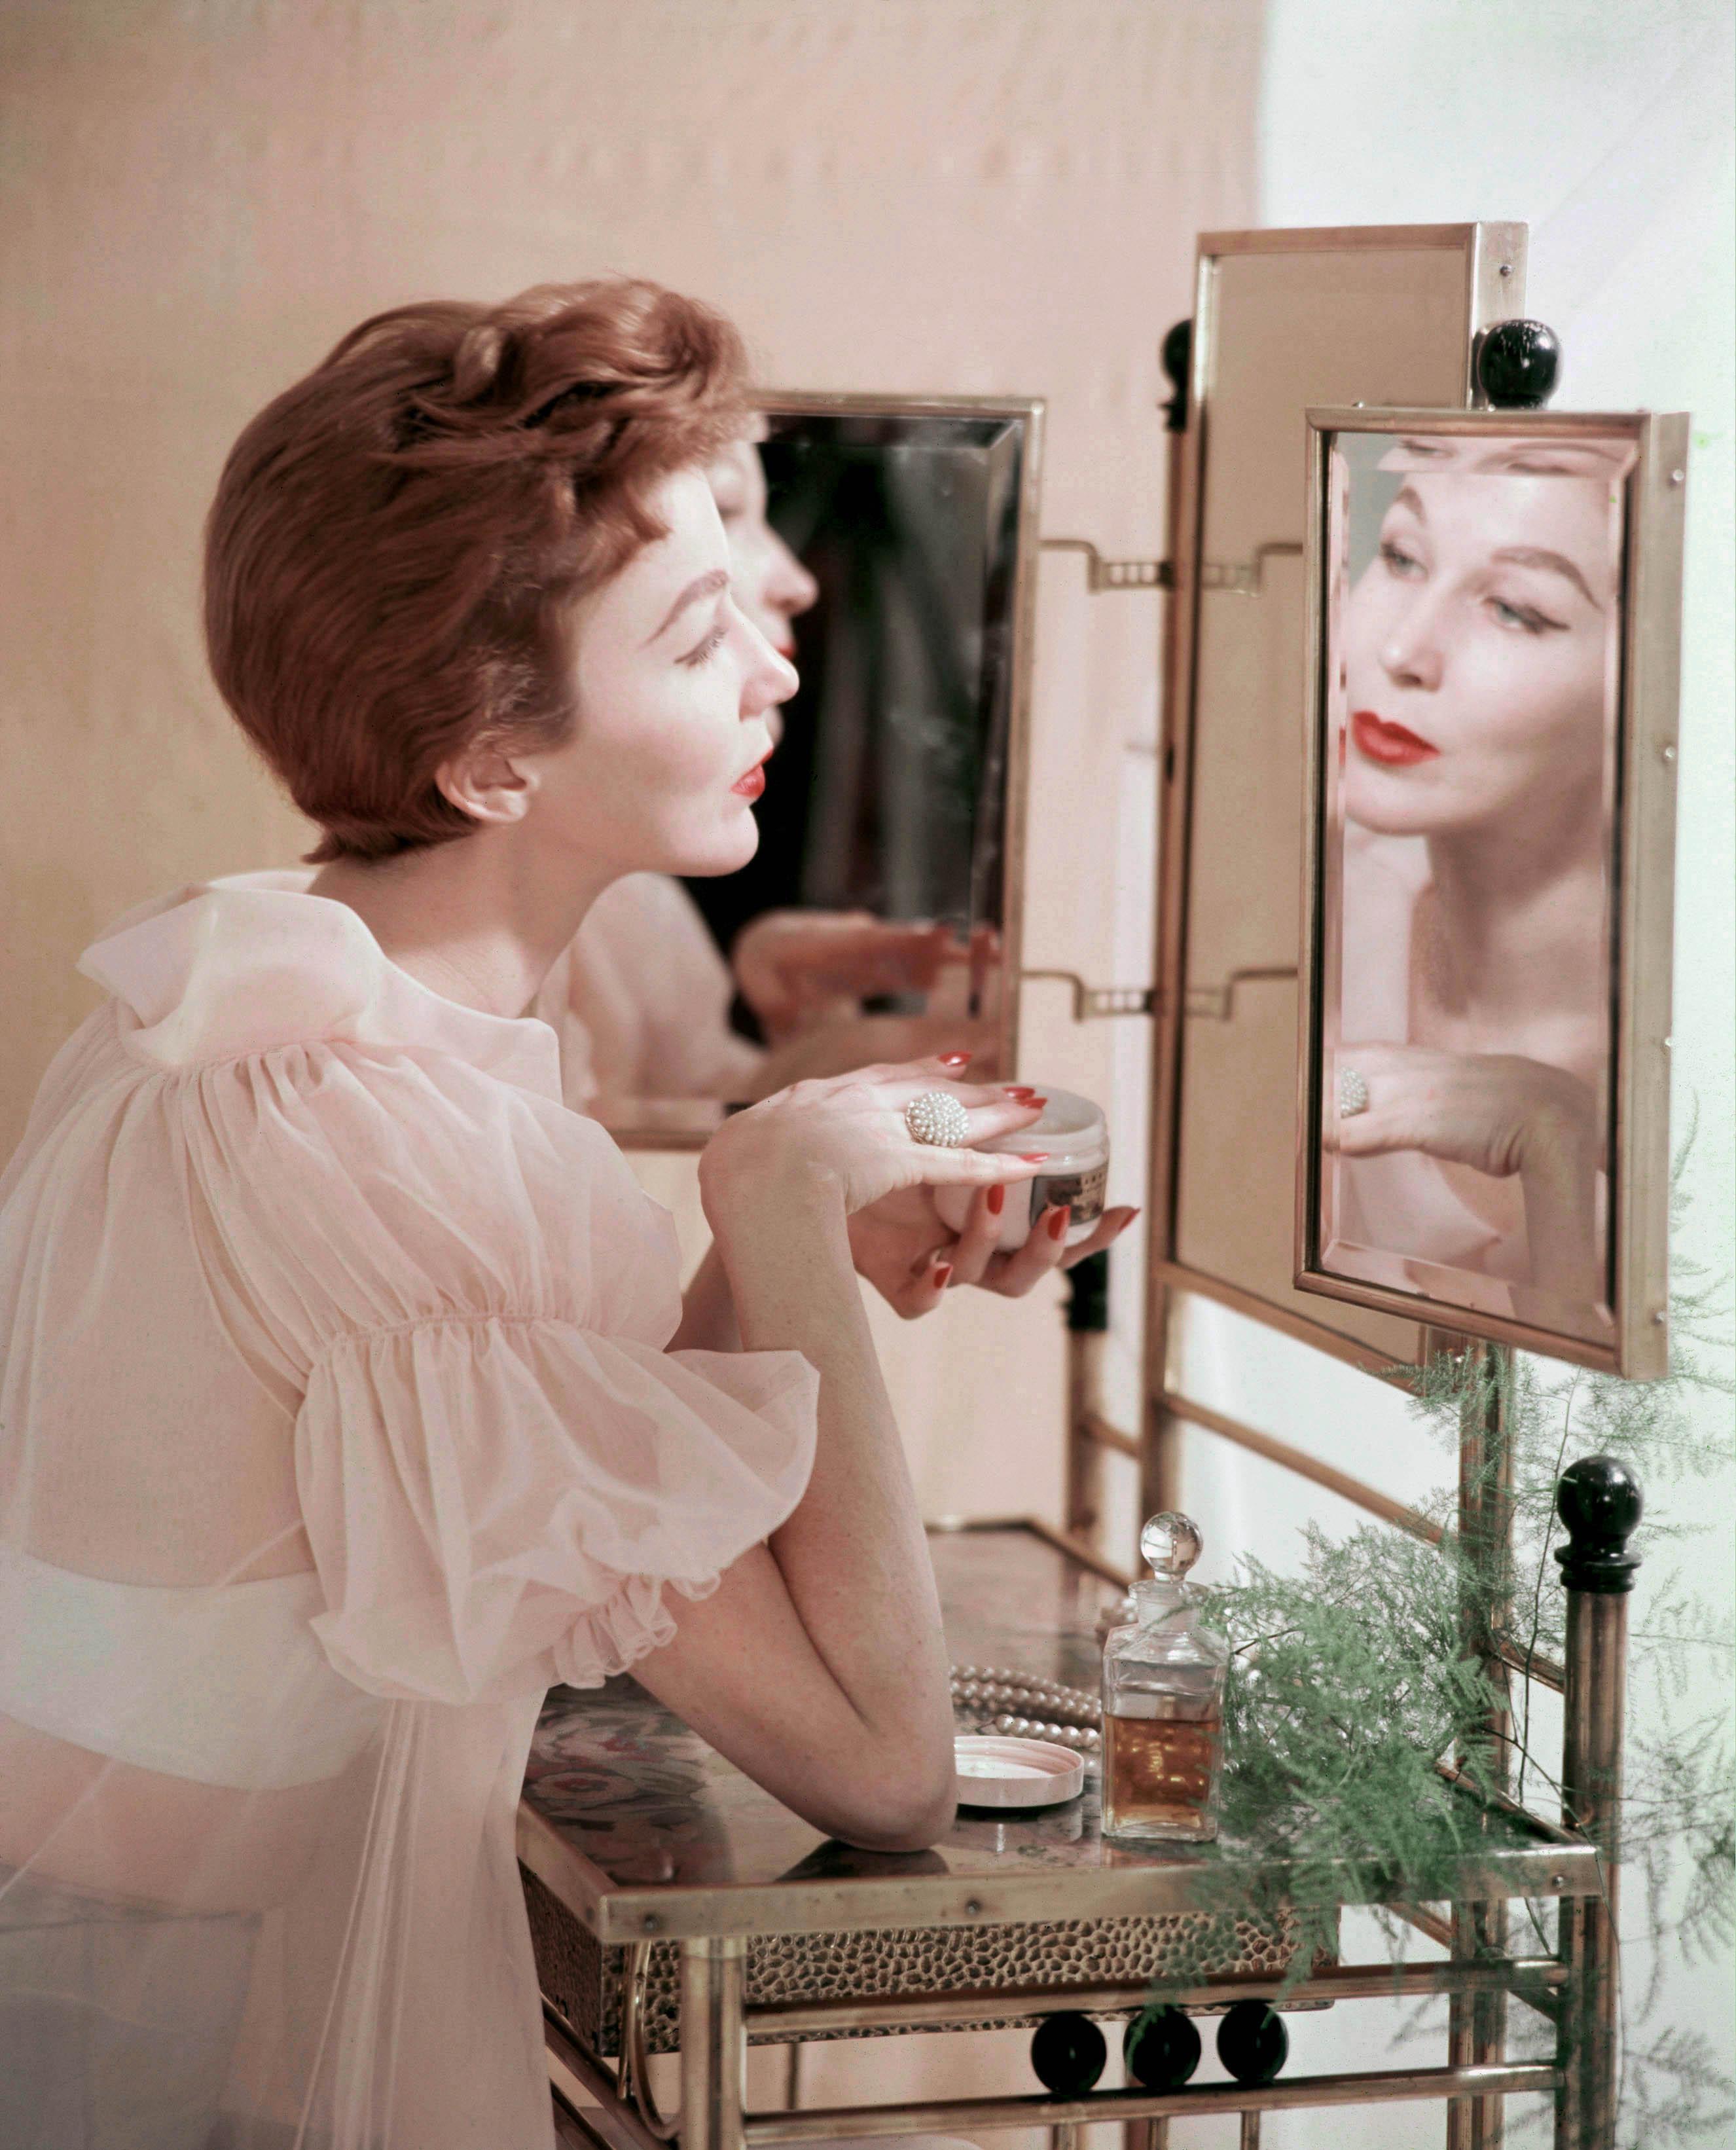 makeupbord, sminkebord, spejl, pudder, parfume